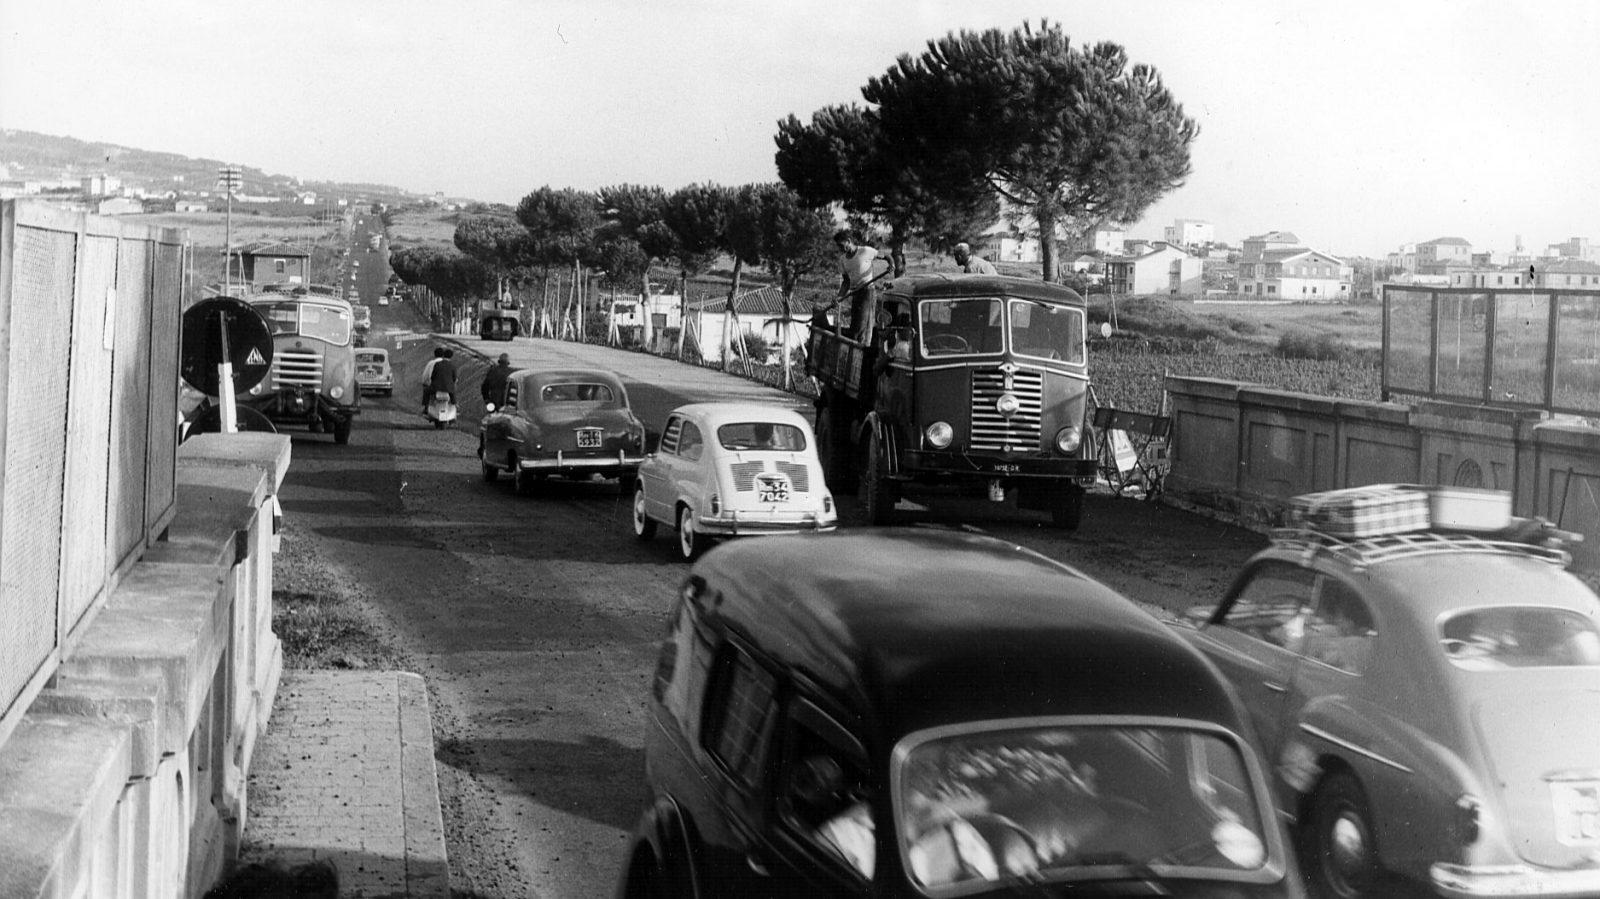 """Lazio, strada statale 7 """"Via Appia"""", automobili in transito durante i lavori per l'ampliamento della carreggiata nei pressi di Roma, 1959 (Archivio storico Anas)"""